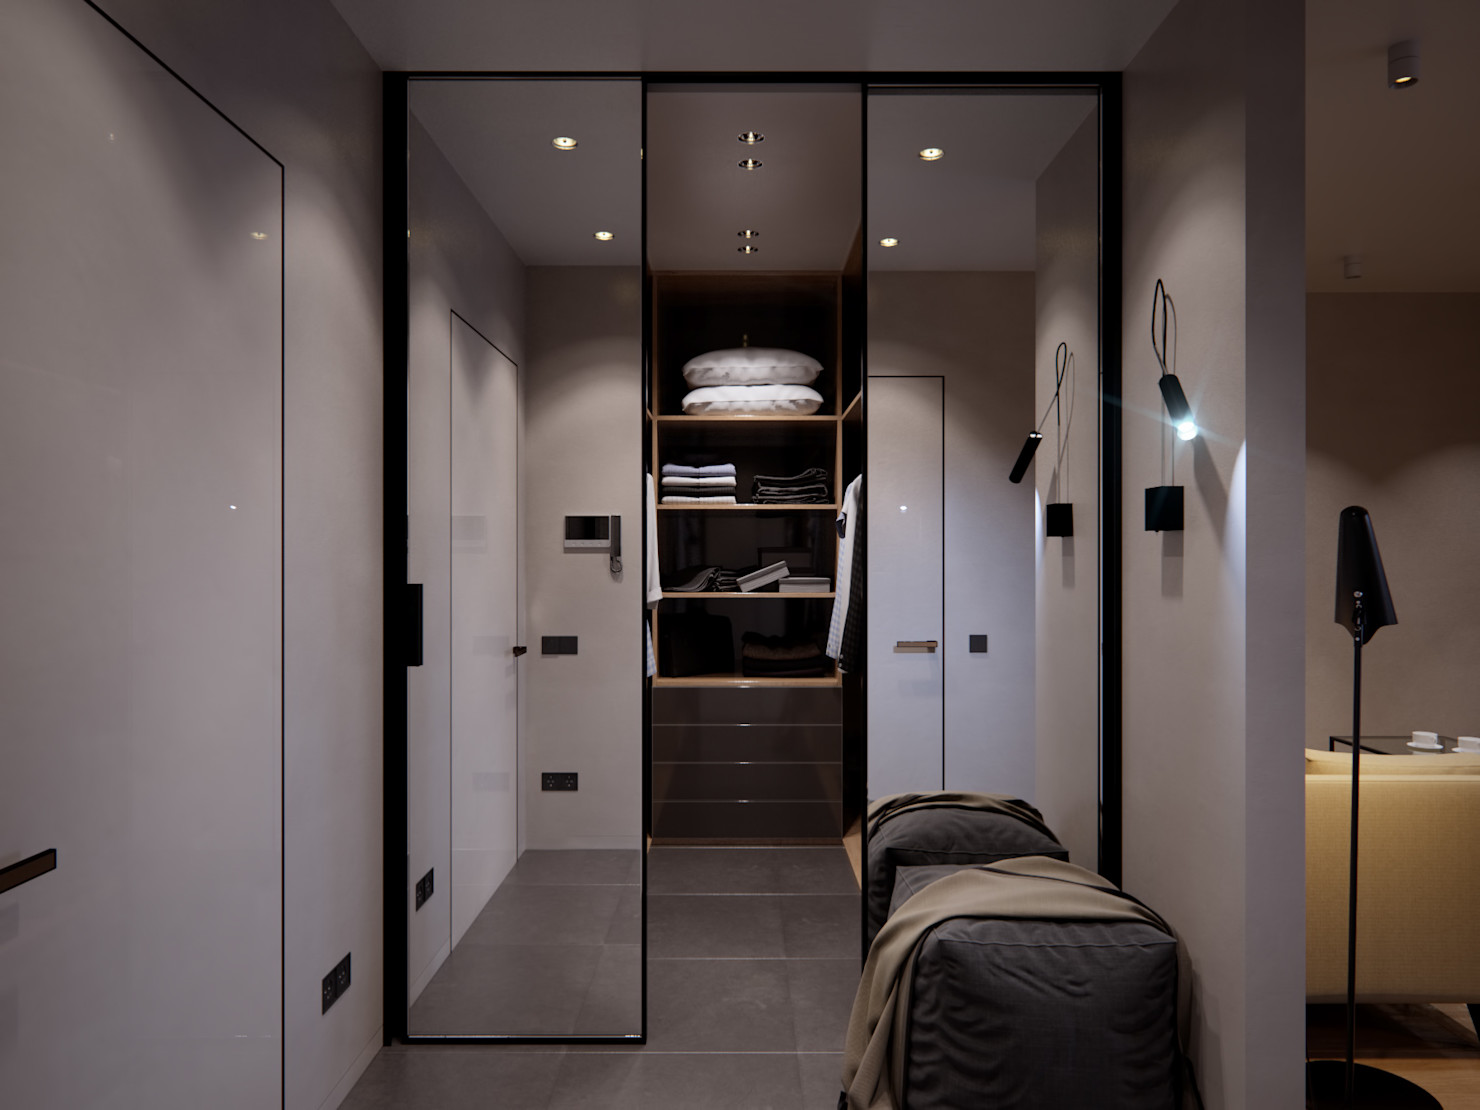 дизайн коридора с гардеробной в квартире фото волгодонске